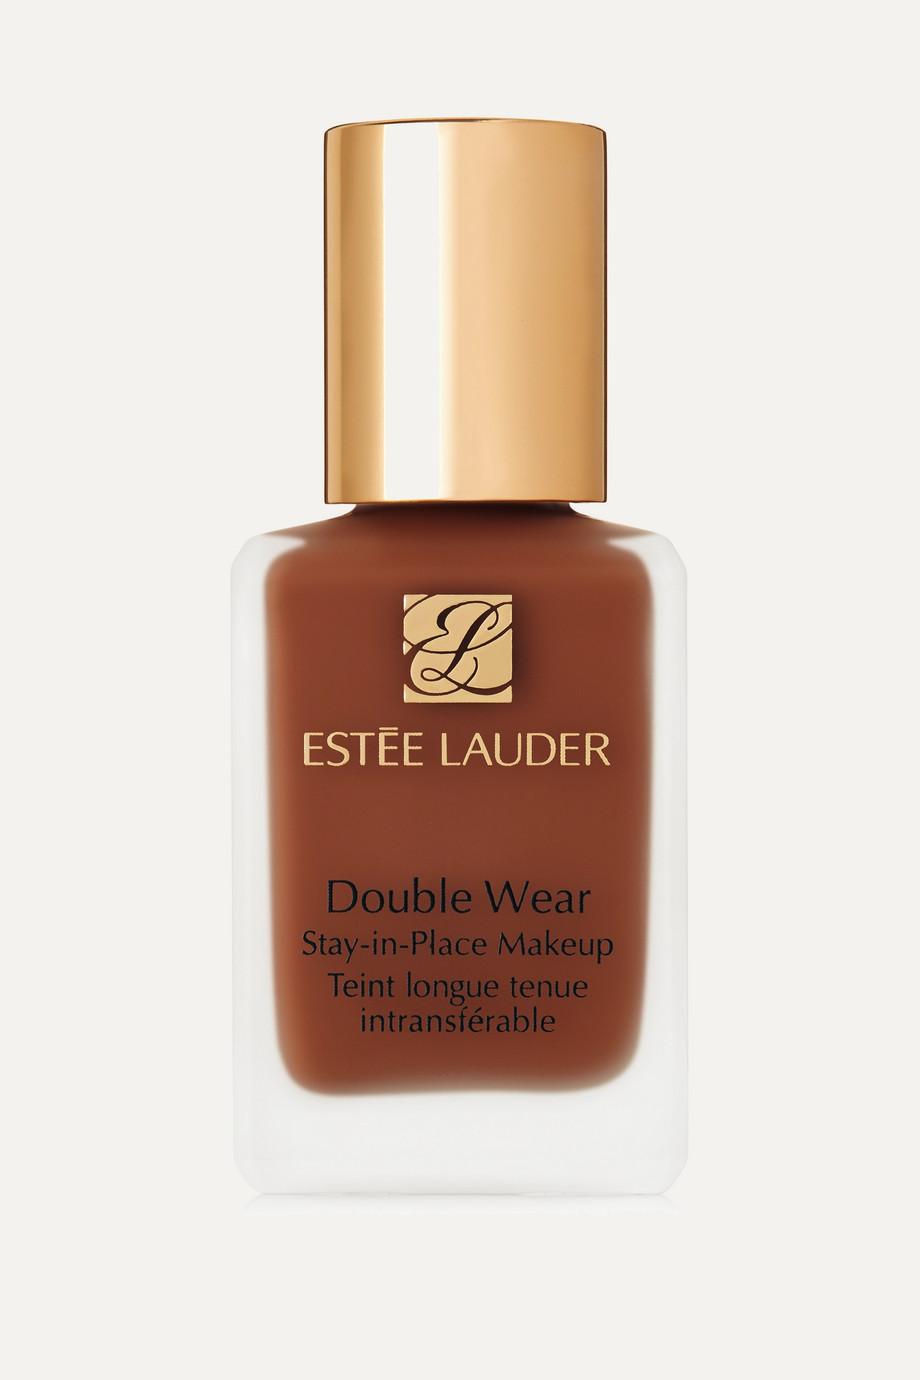 Estée Lauder Double Wear Stay-in-Place Makeup - Rich Cocoa 6C1